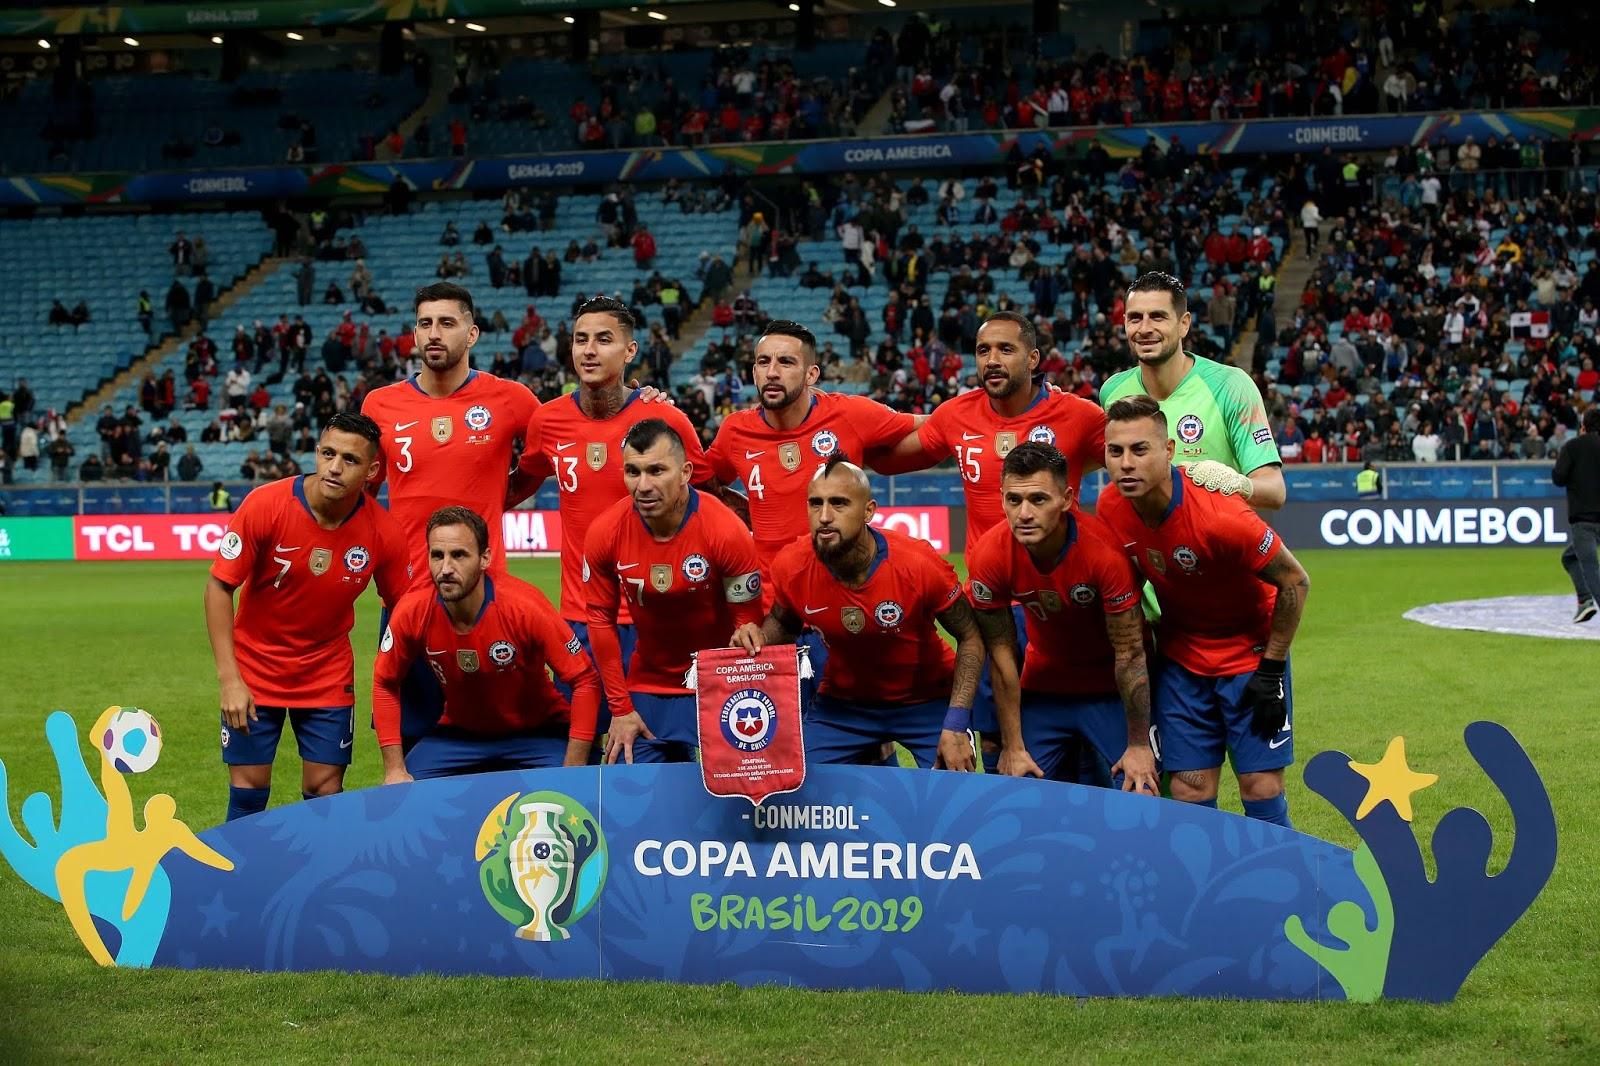 Formación de Chile ante Perú, Copa América 2019, 3 de julio